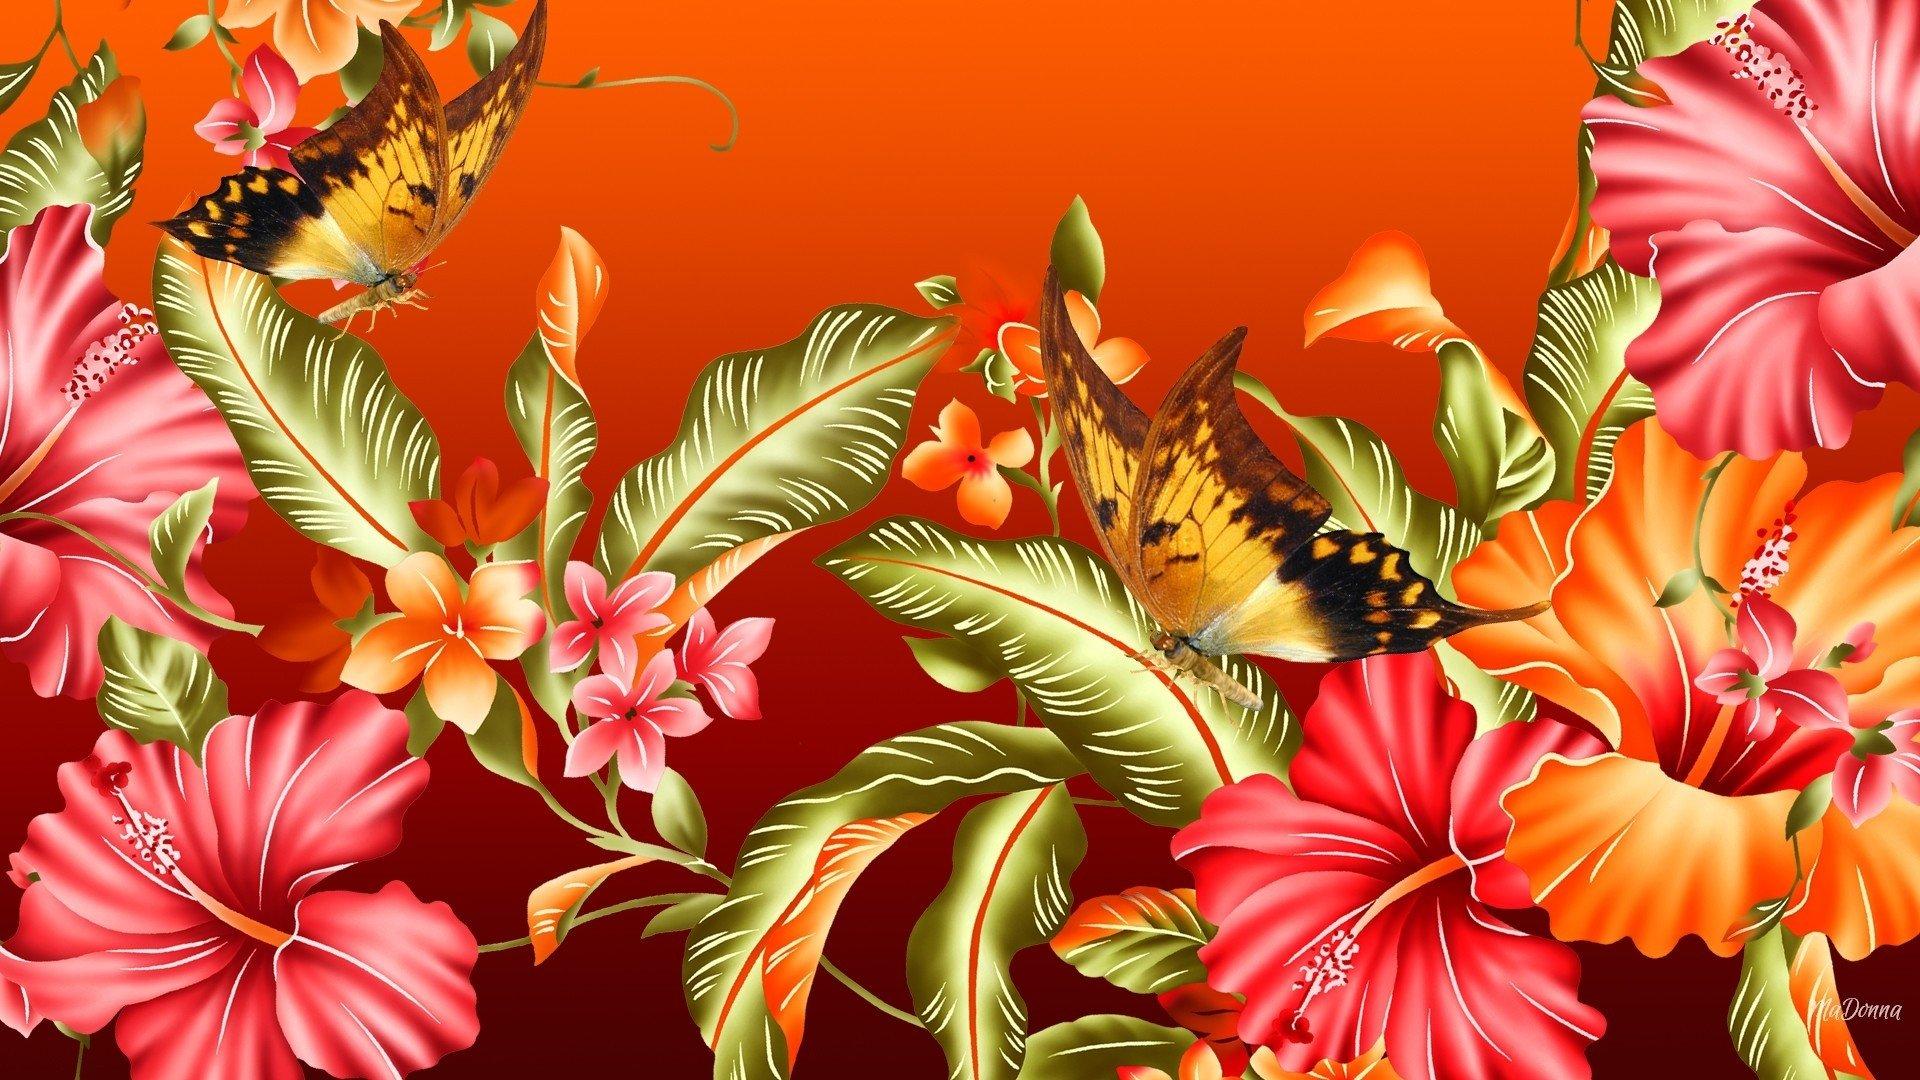 Artistique - Papillon  Artistique Fleur Couleurs Colorful Fond d'écran